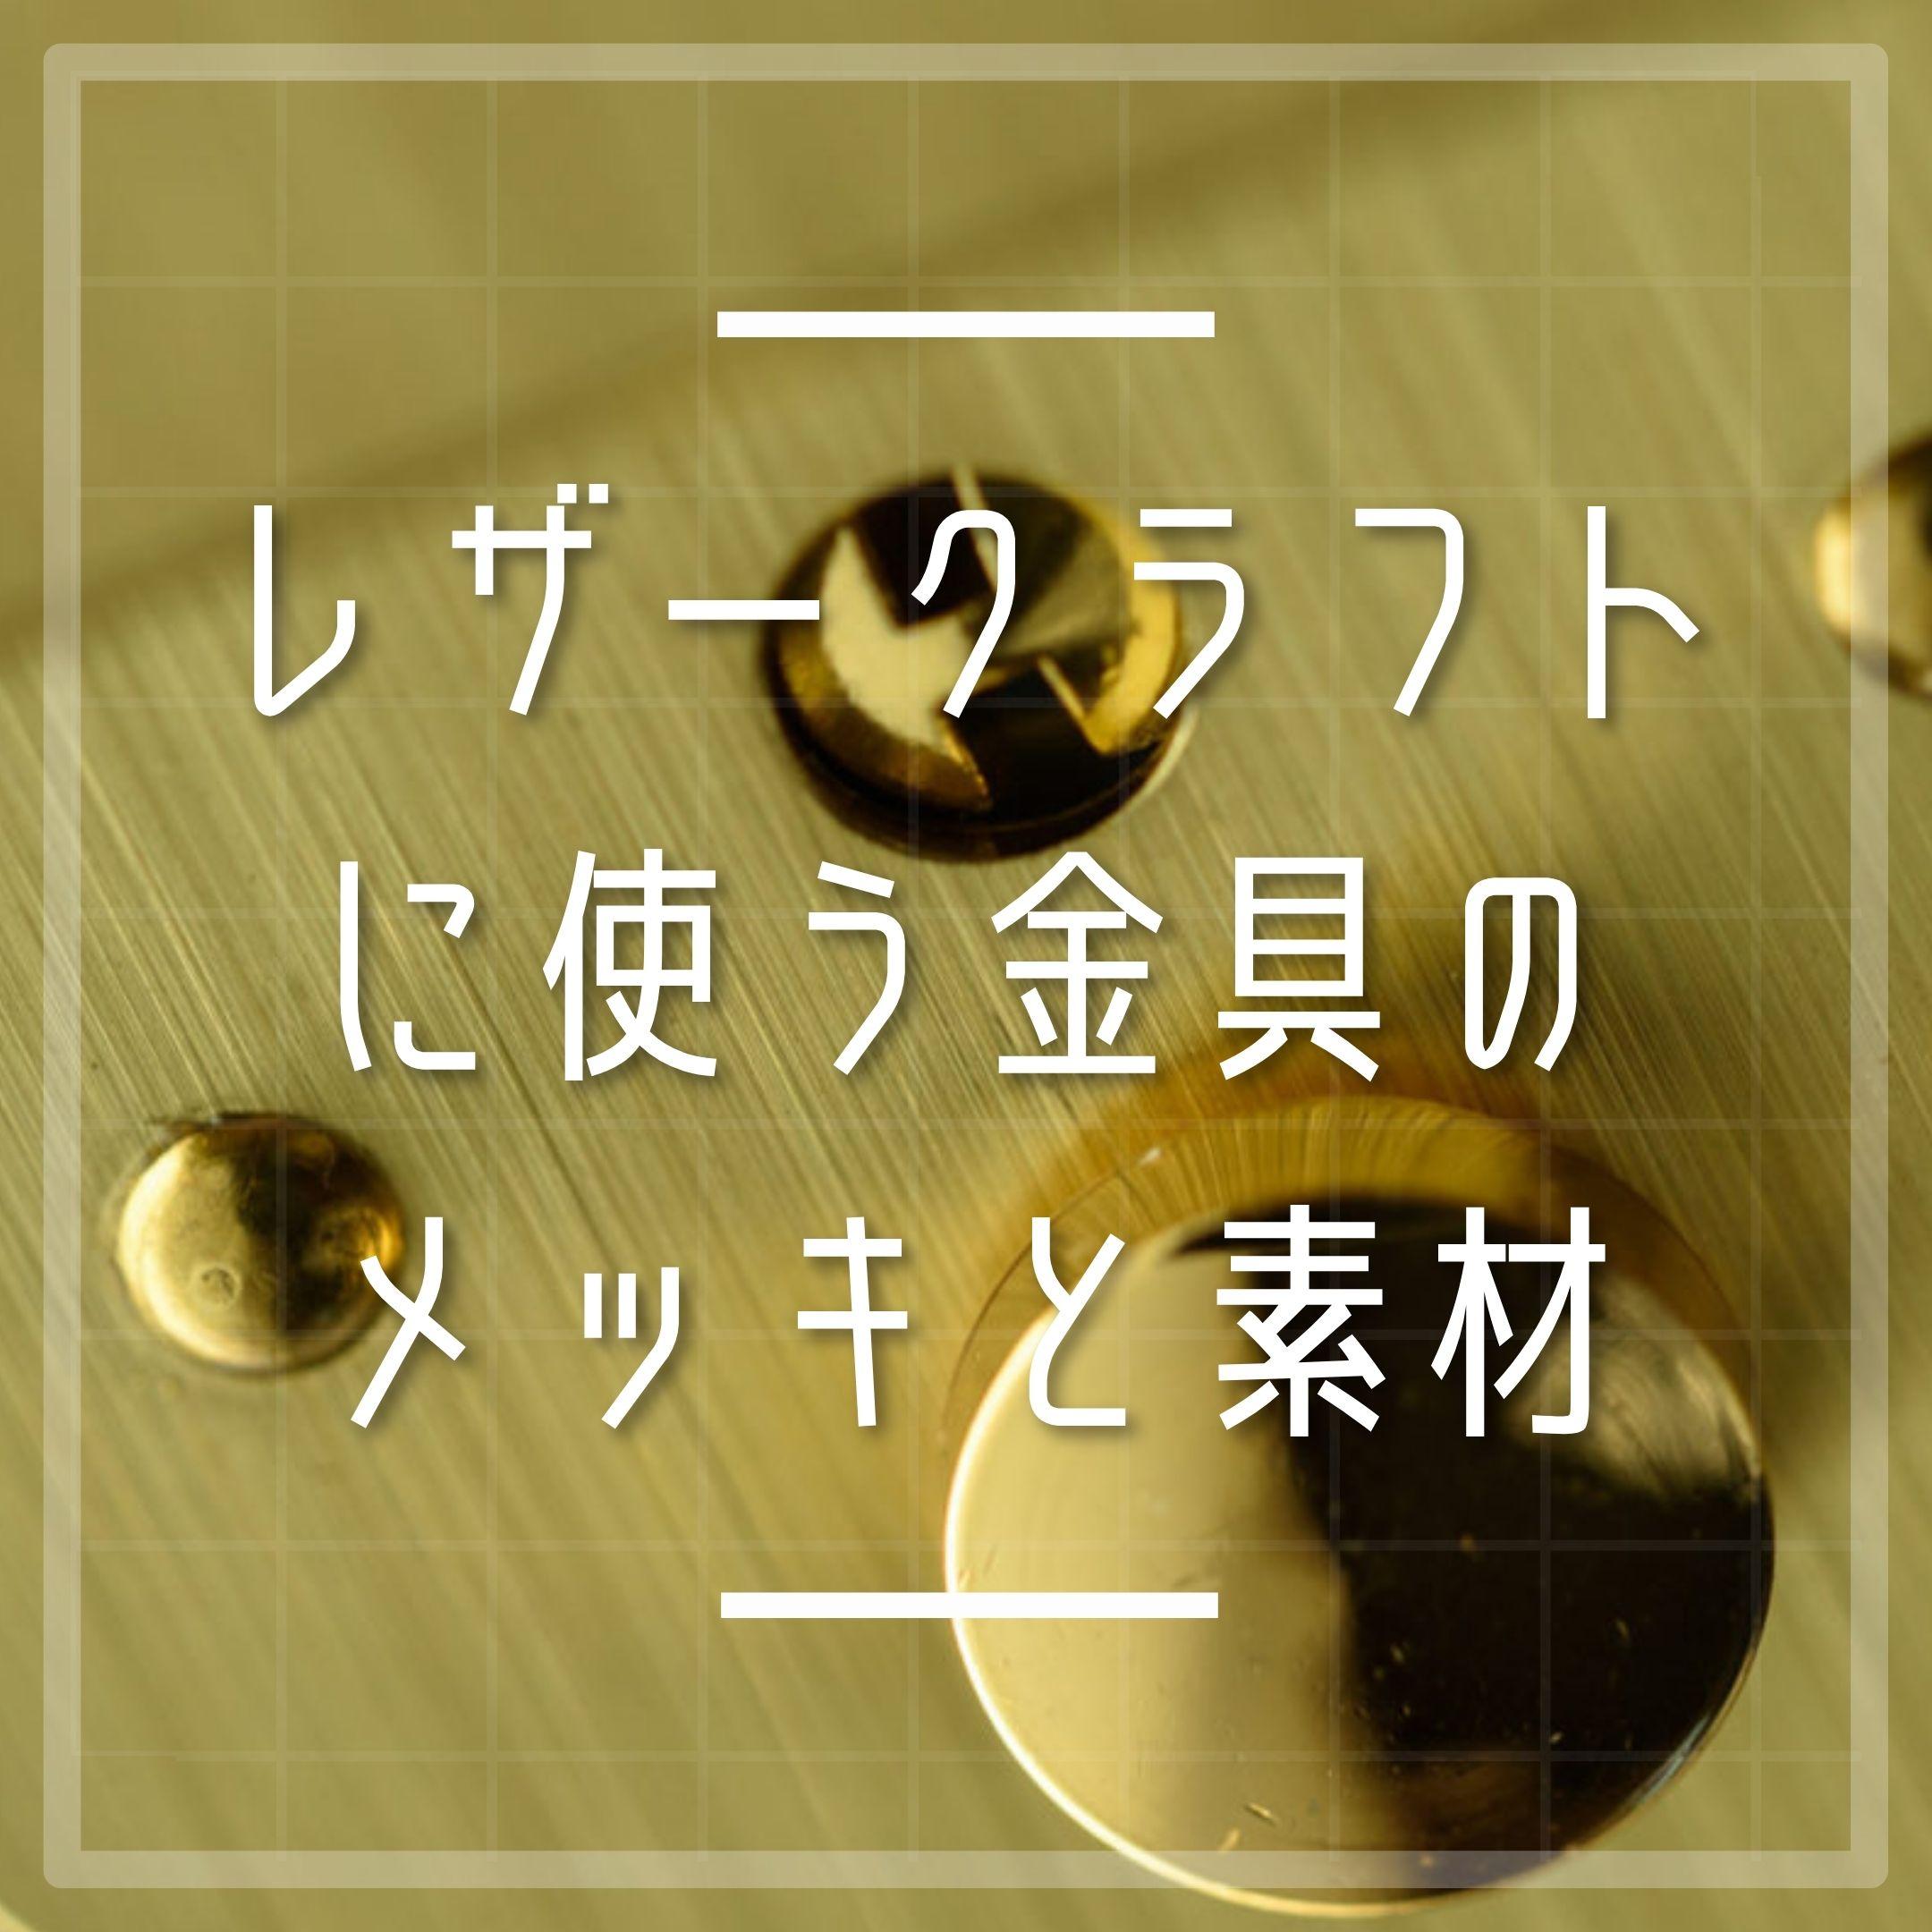 レザークラフト金具のメッキの色と素材(真鍮、亜鉛合金、鉄)